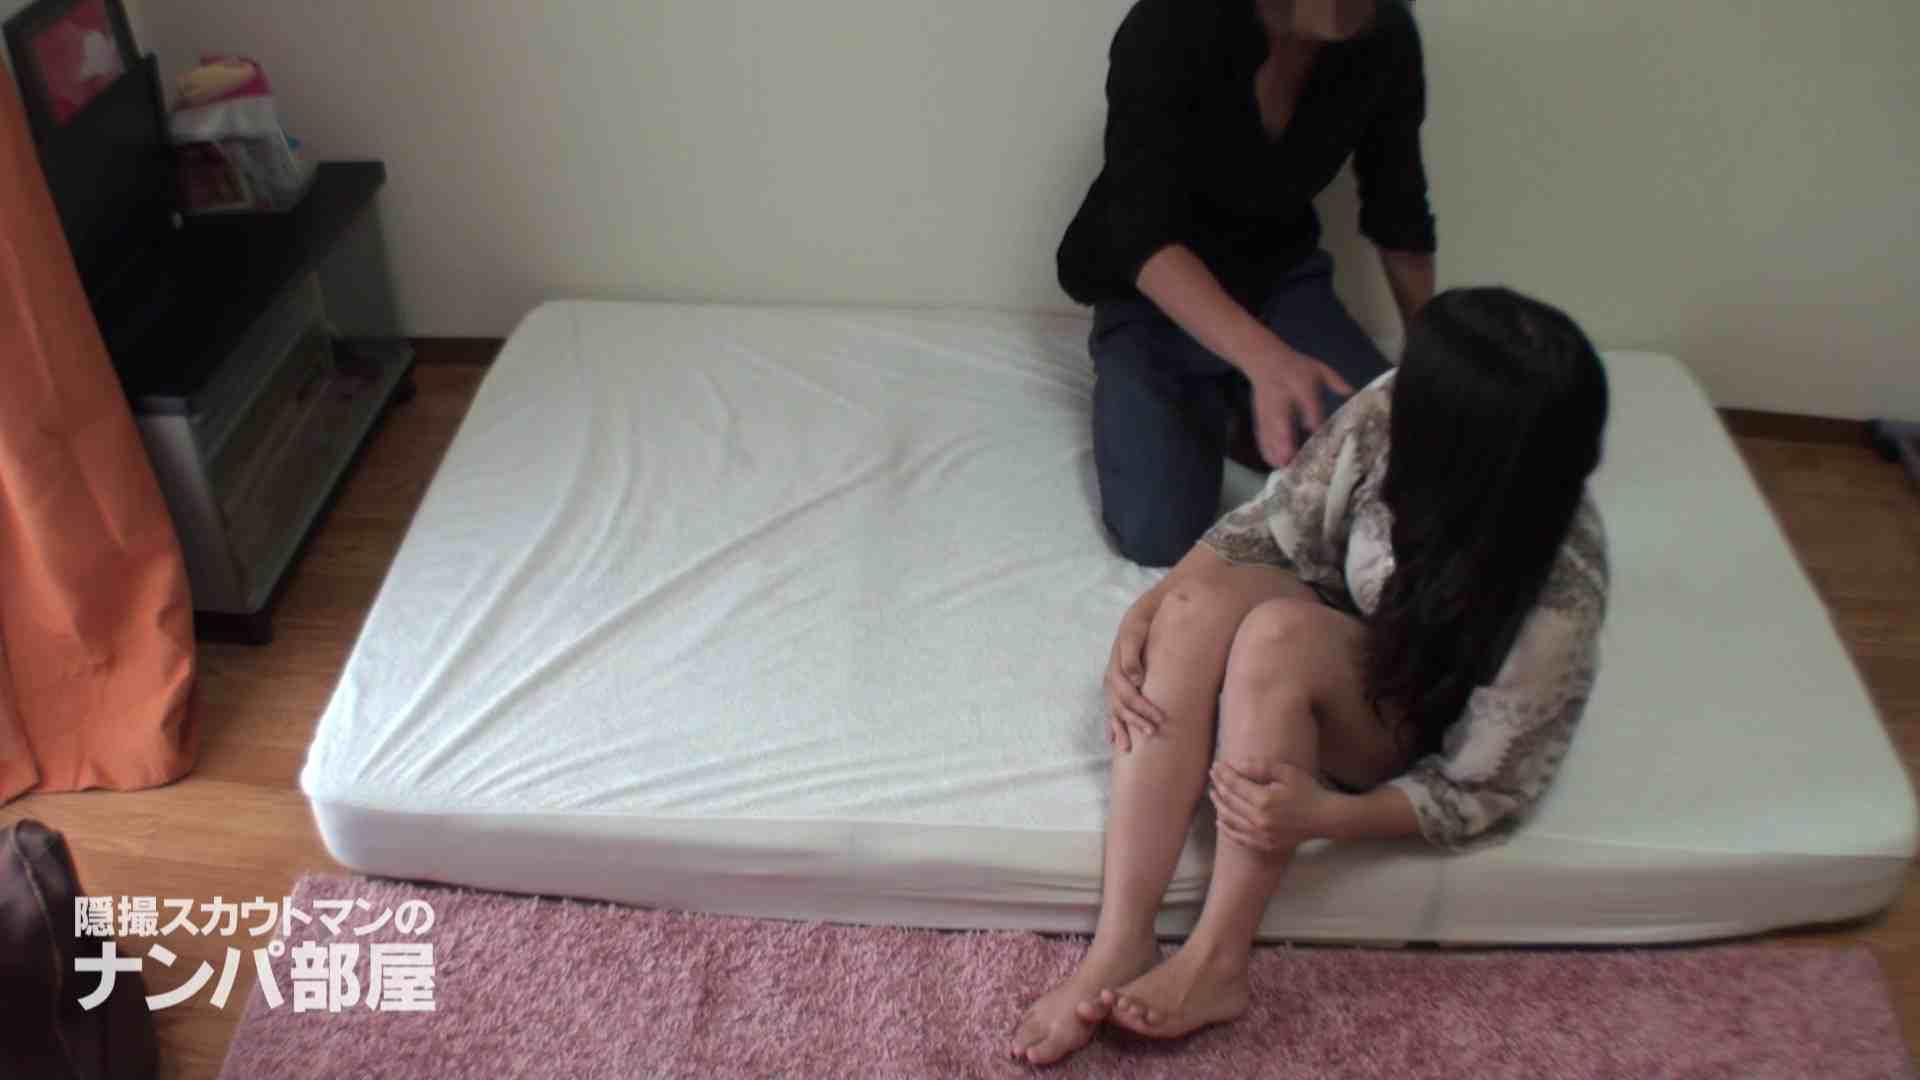 隠撮スカウトマンのナンパ部屋~風俗デビュー前のつまみ食い~hana 脱衣所  89pic 48